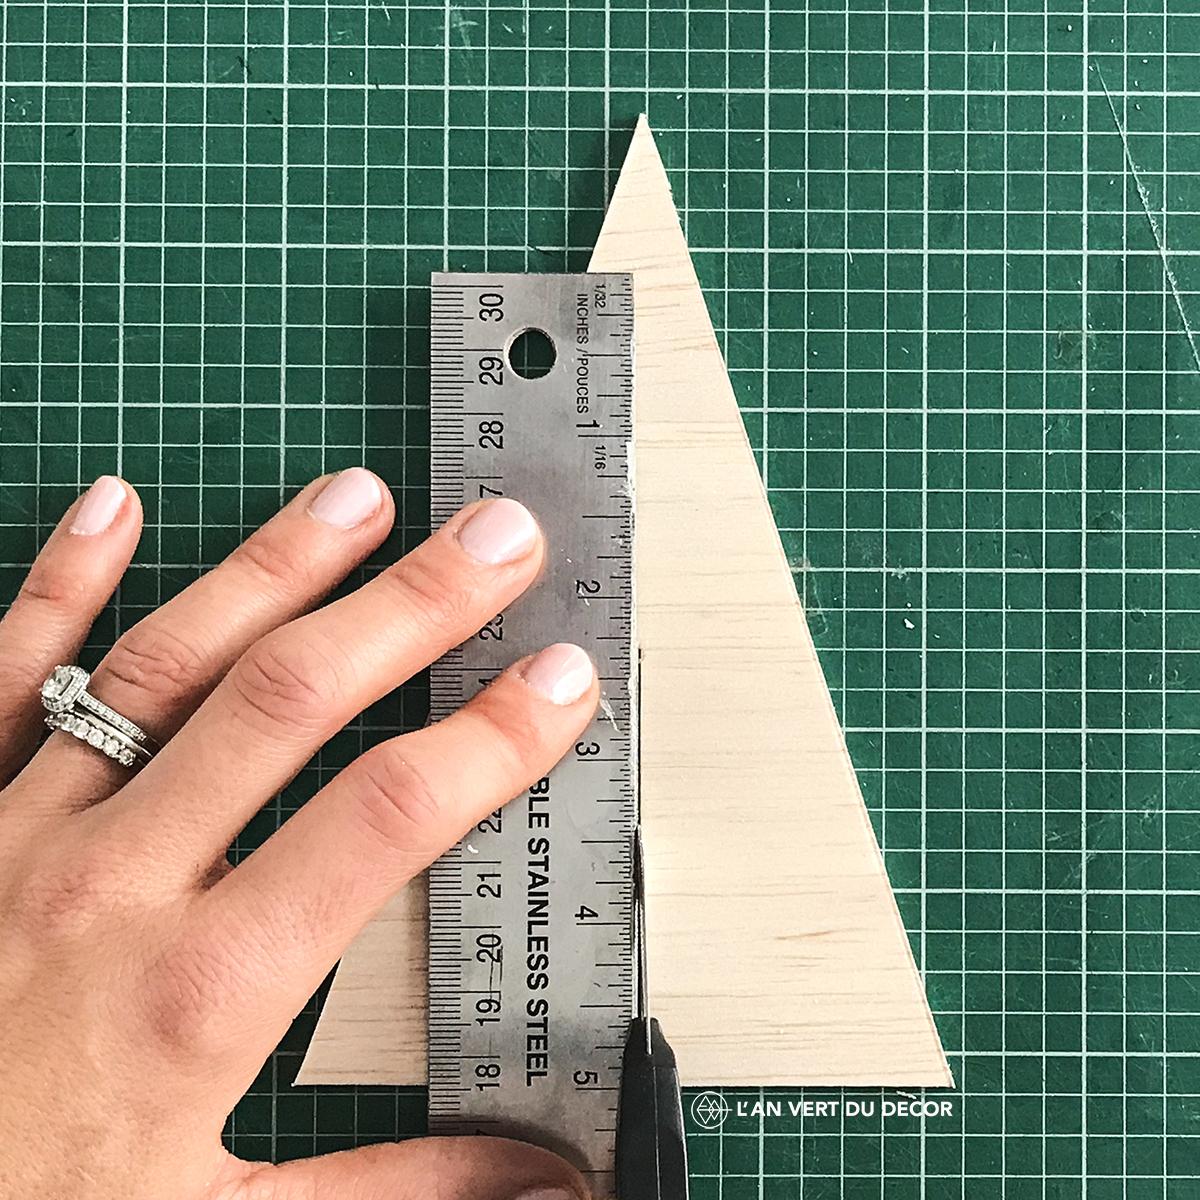 DIY - Sapins en balsa | AVDD | Chloé Comte